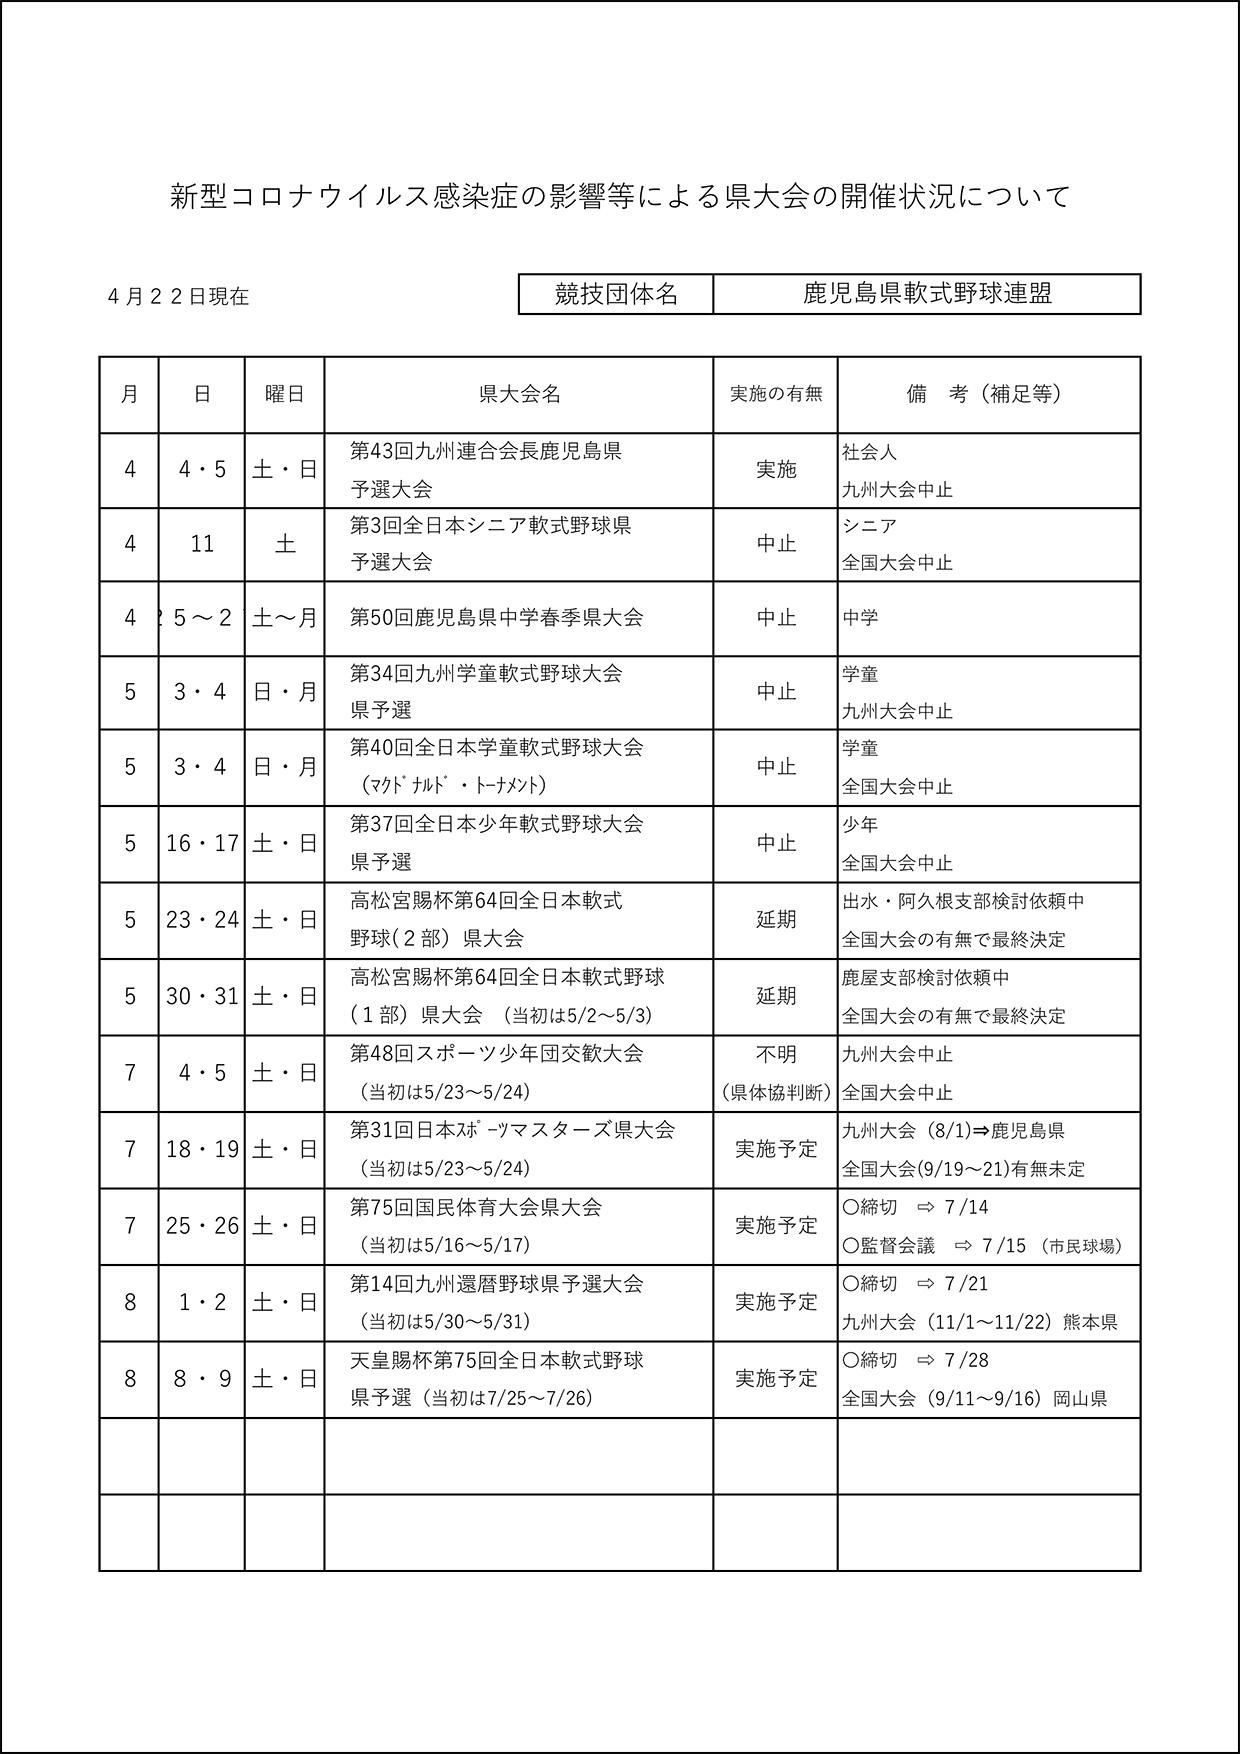 【通知】県連大会の日程変更等について